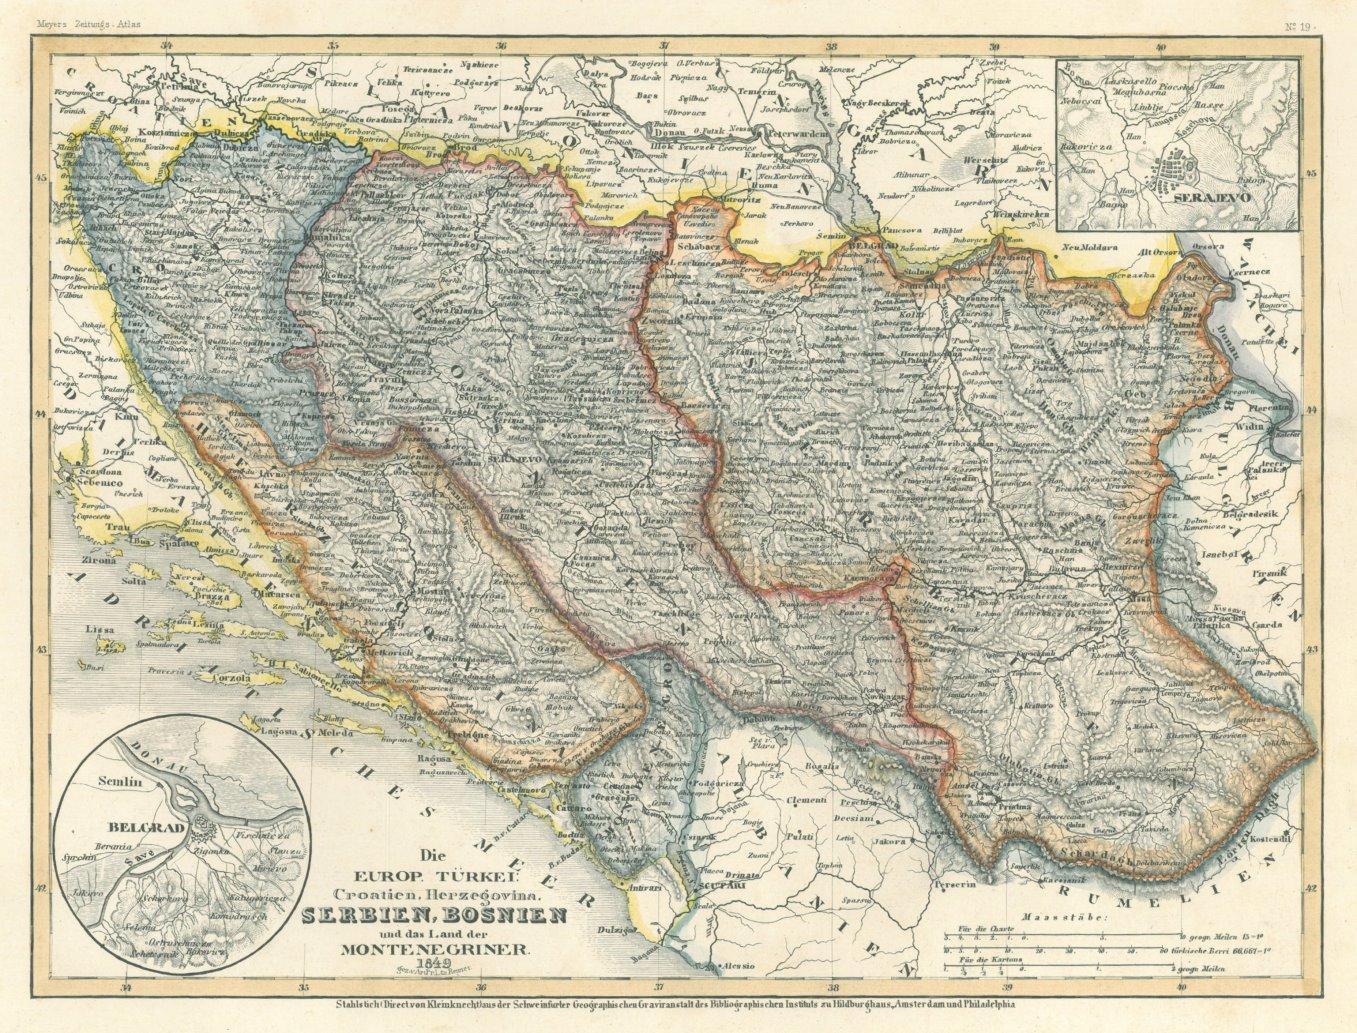 Jugoslawien Karte.Jugoslawien Karte